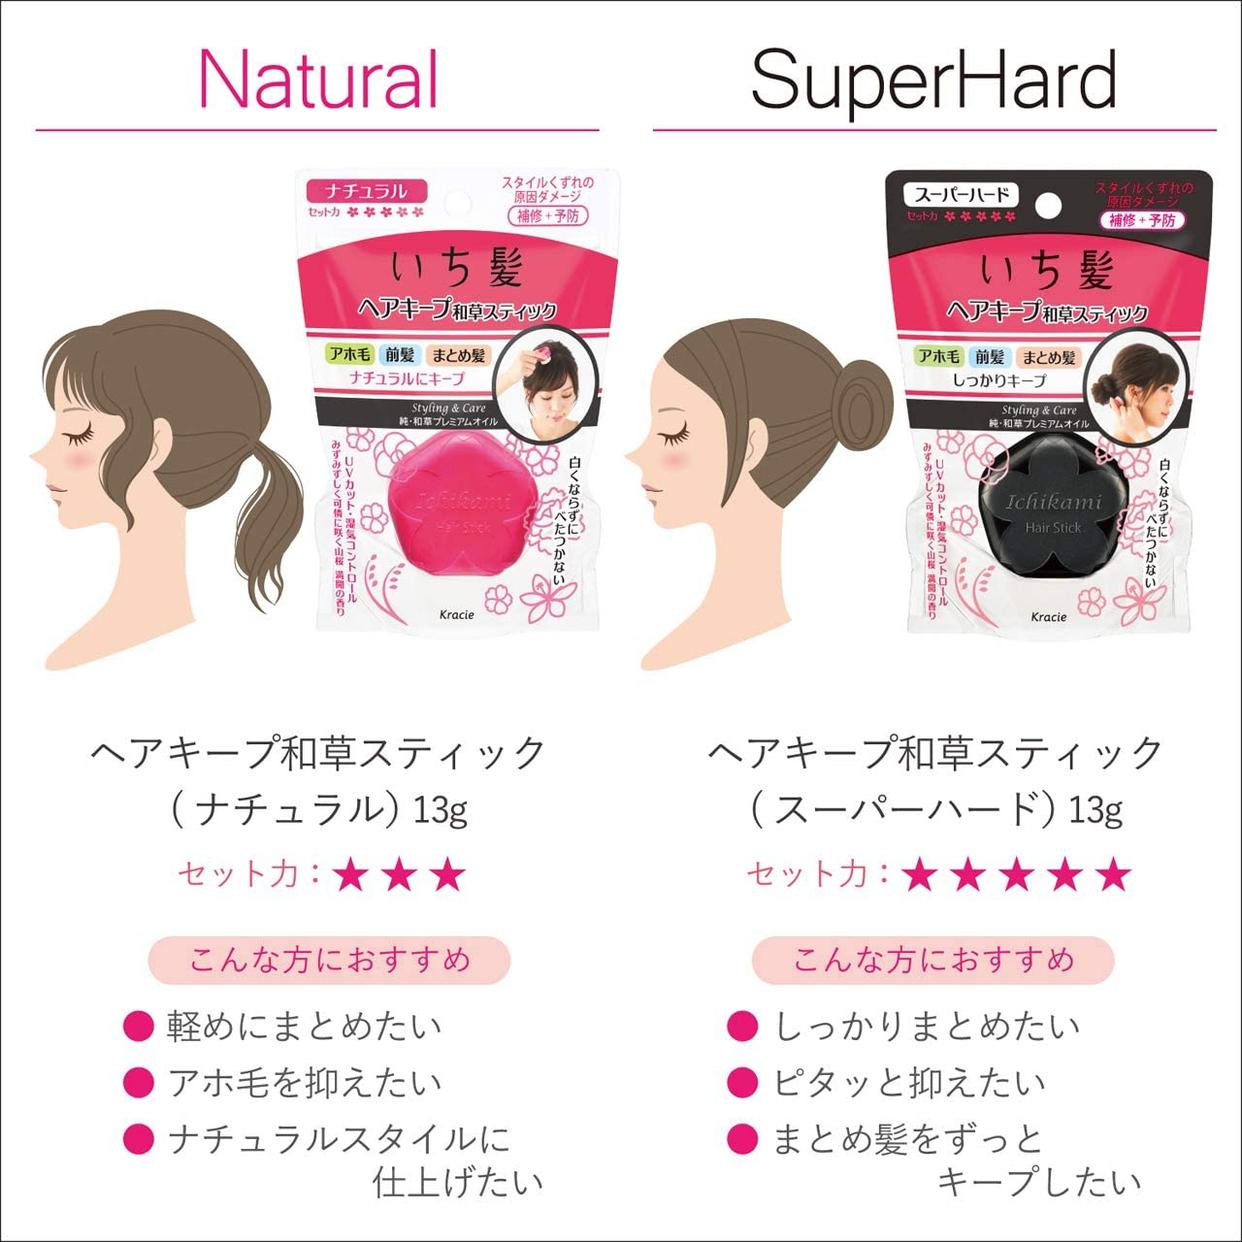 いち髪(ICHIKAMI) ヘアキープ和草スティック(スーパーハード)の商品画像7